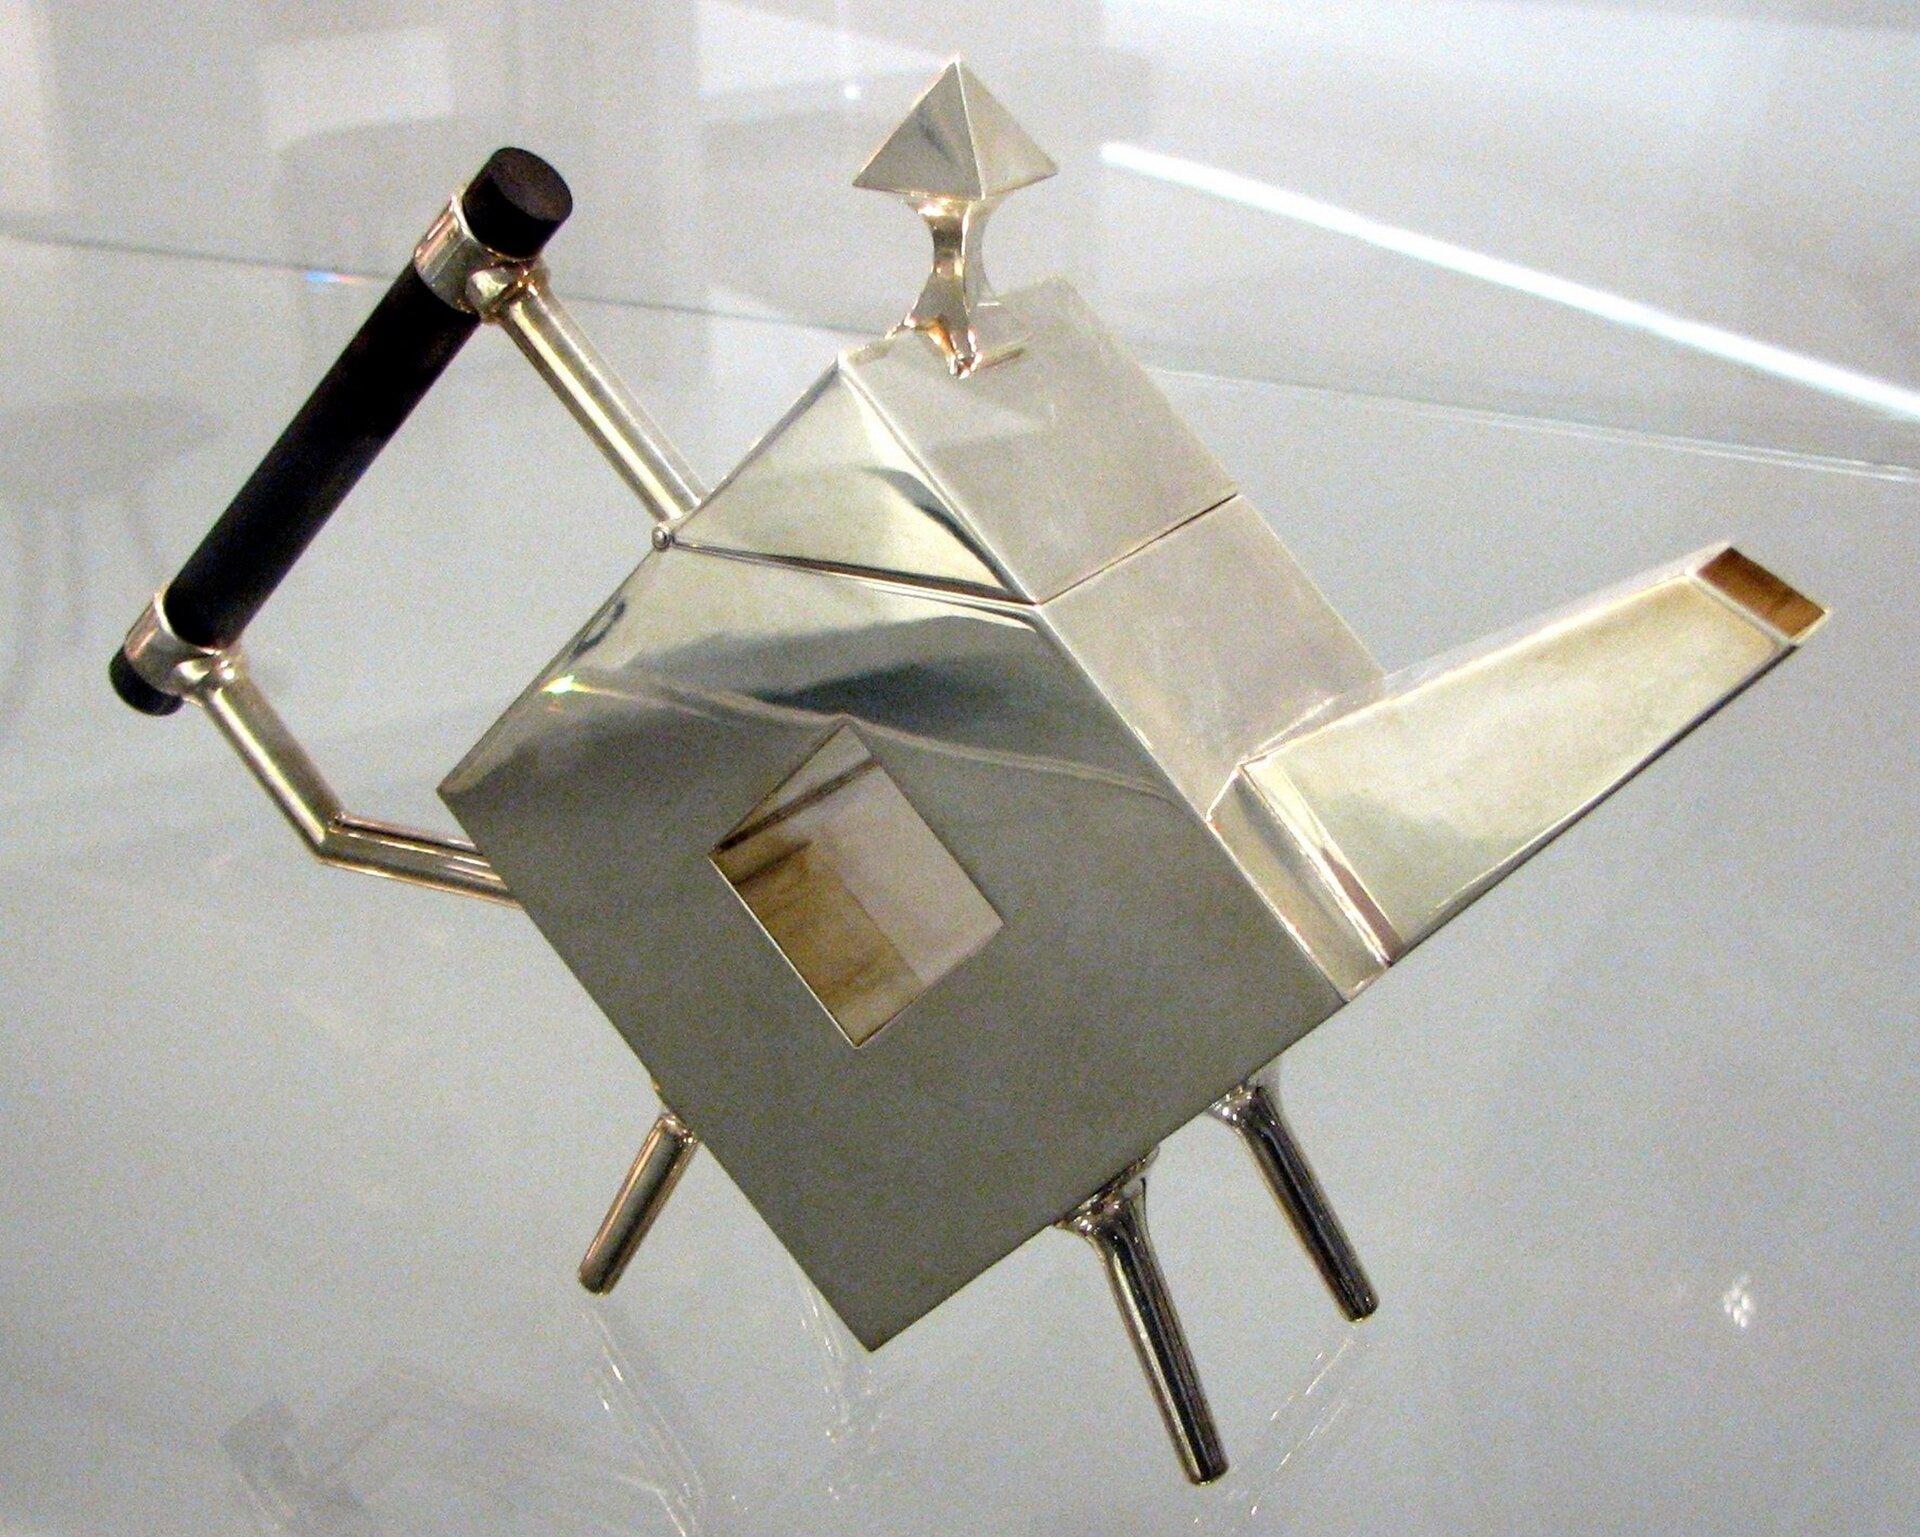 Ilustracja przedstawia czajniczek zaprojektowany prez Christophera Dressera. Naczynie posiada niecodzienną kańciastą formę, cechują go geometryczne złote kształty. Projektant starał się uchwycić funkcjonalność rzeczy codziennego użytku wraz zniecodziennym kształtem.